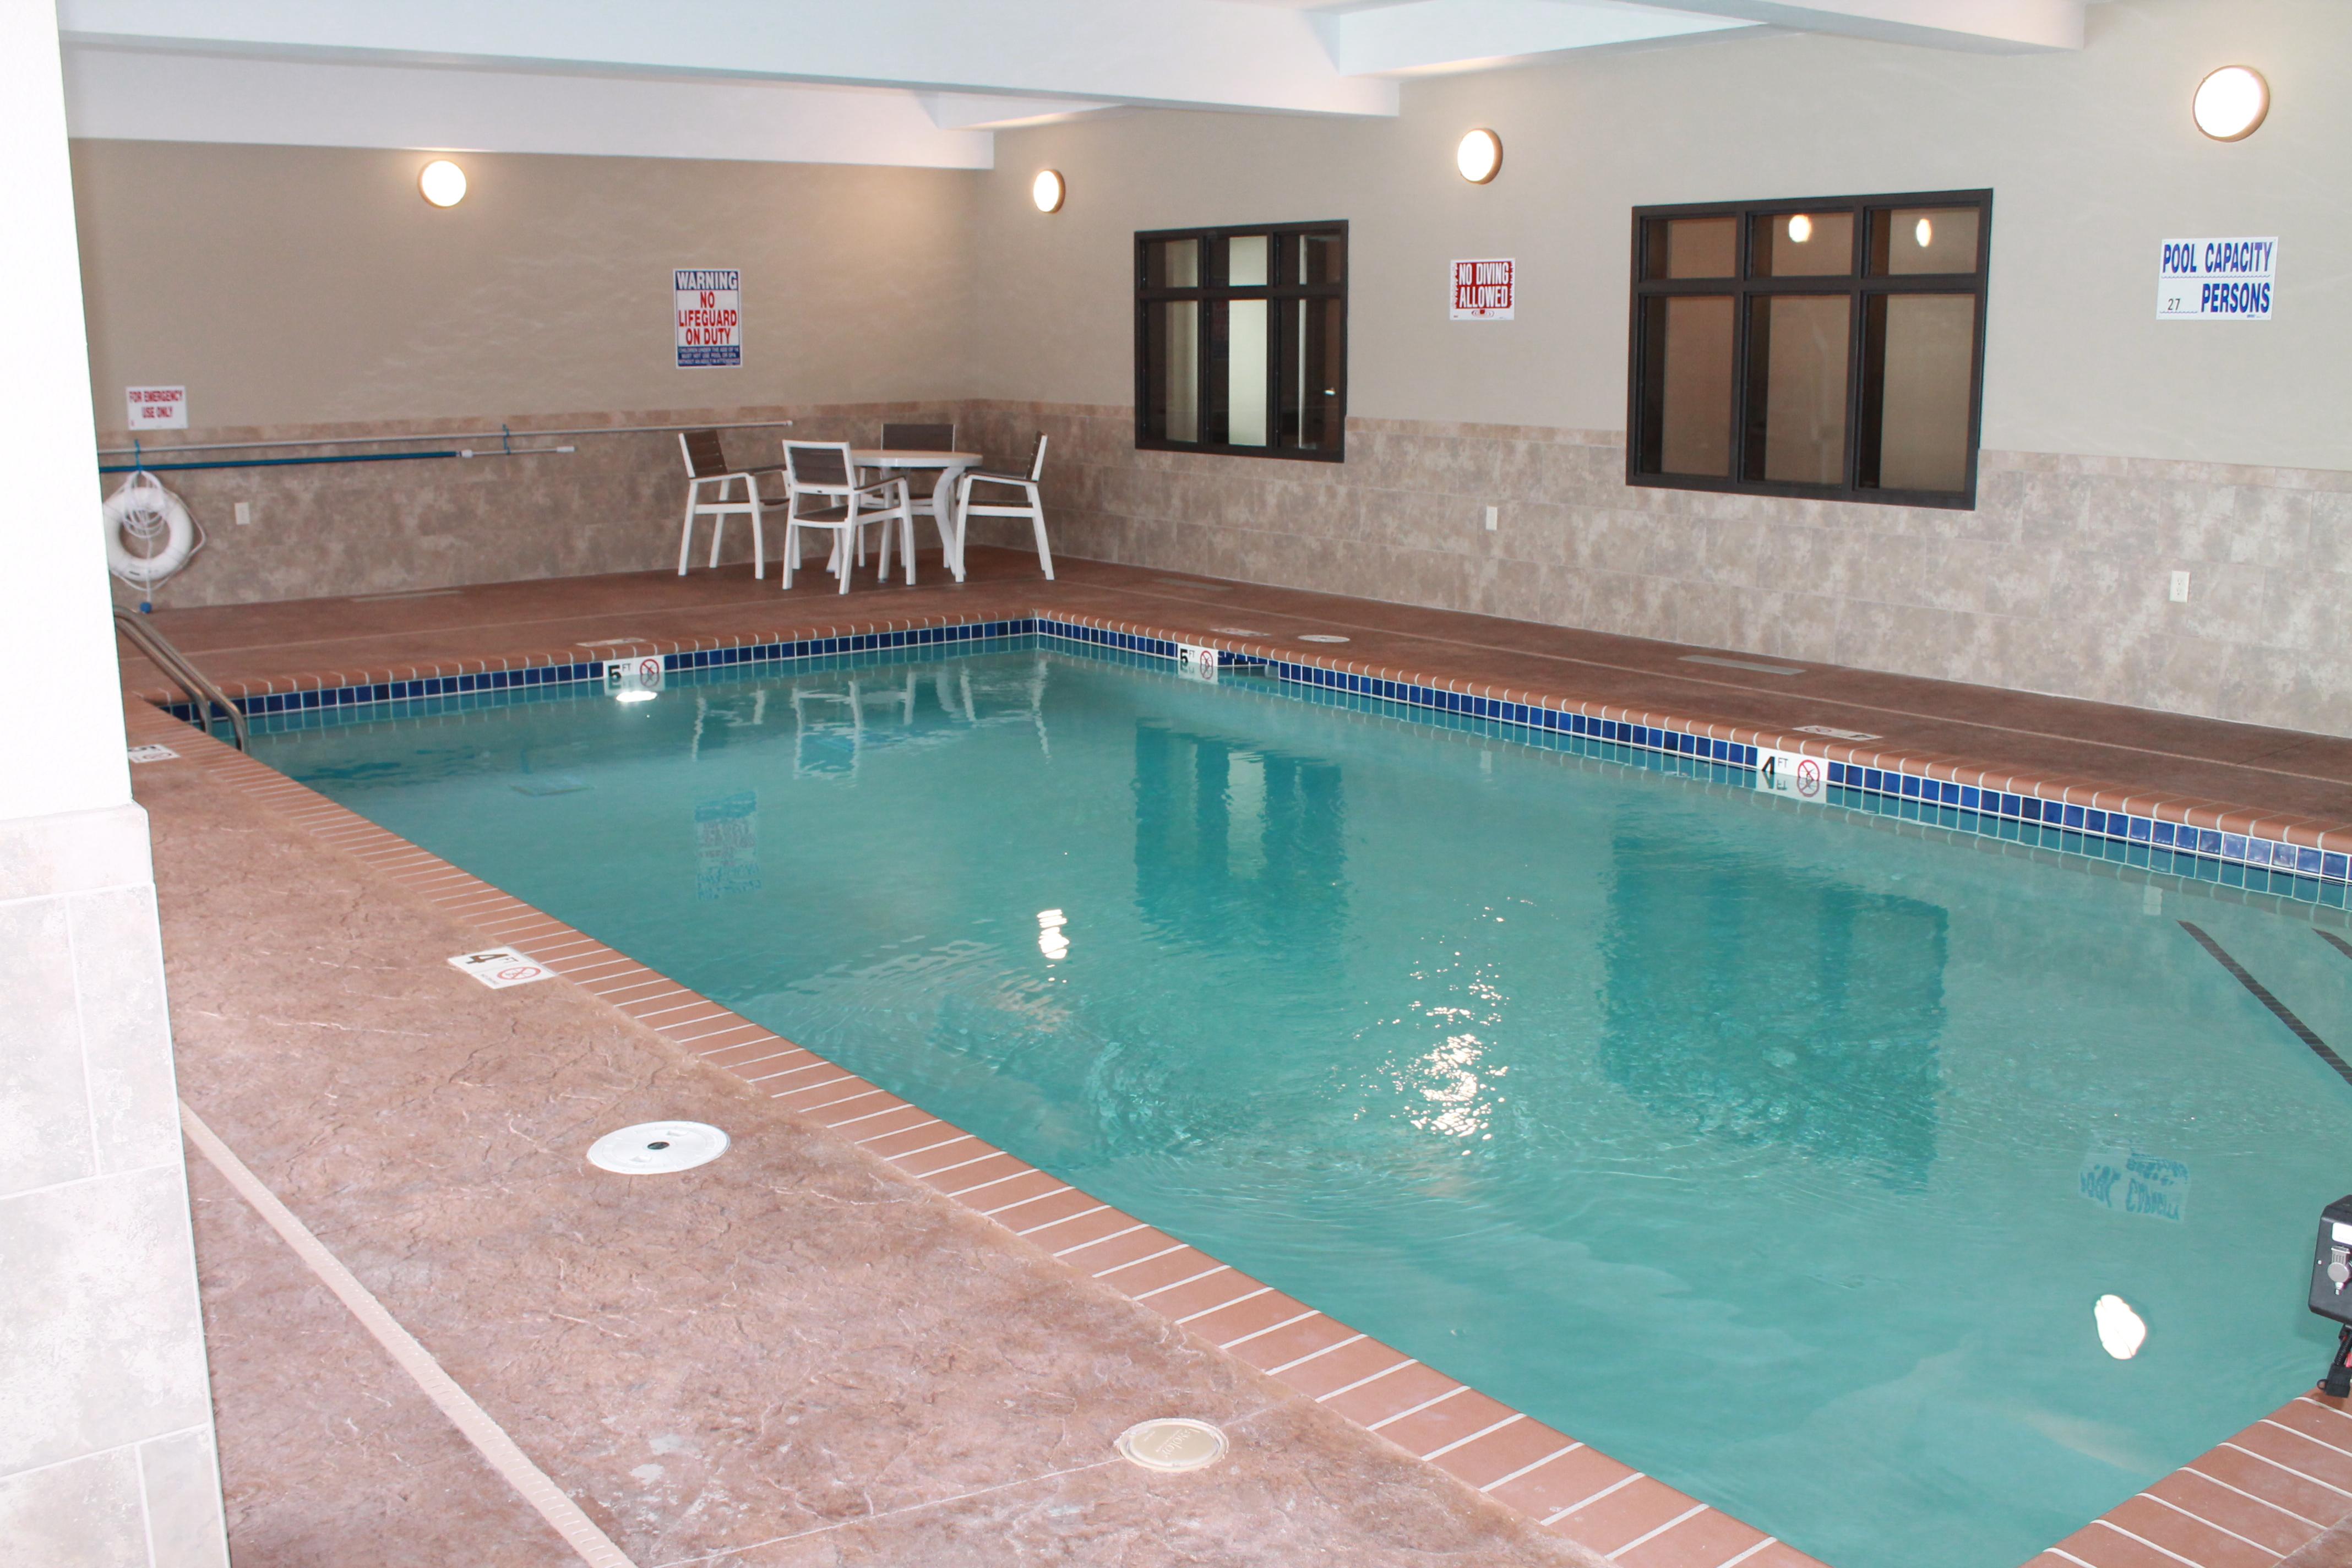 Brookstone Lodge & Suites image 1